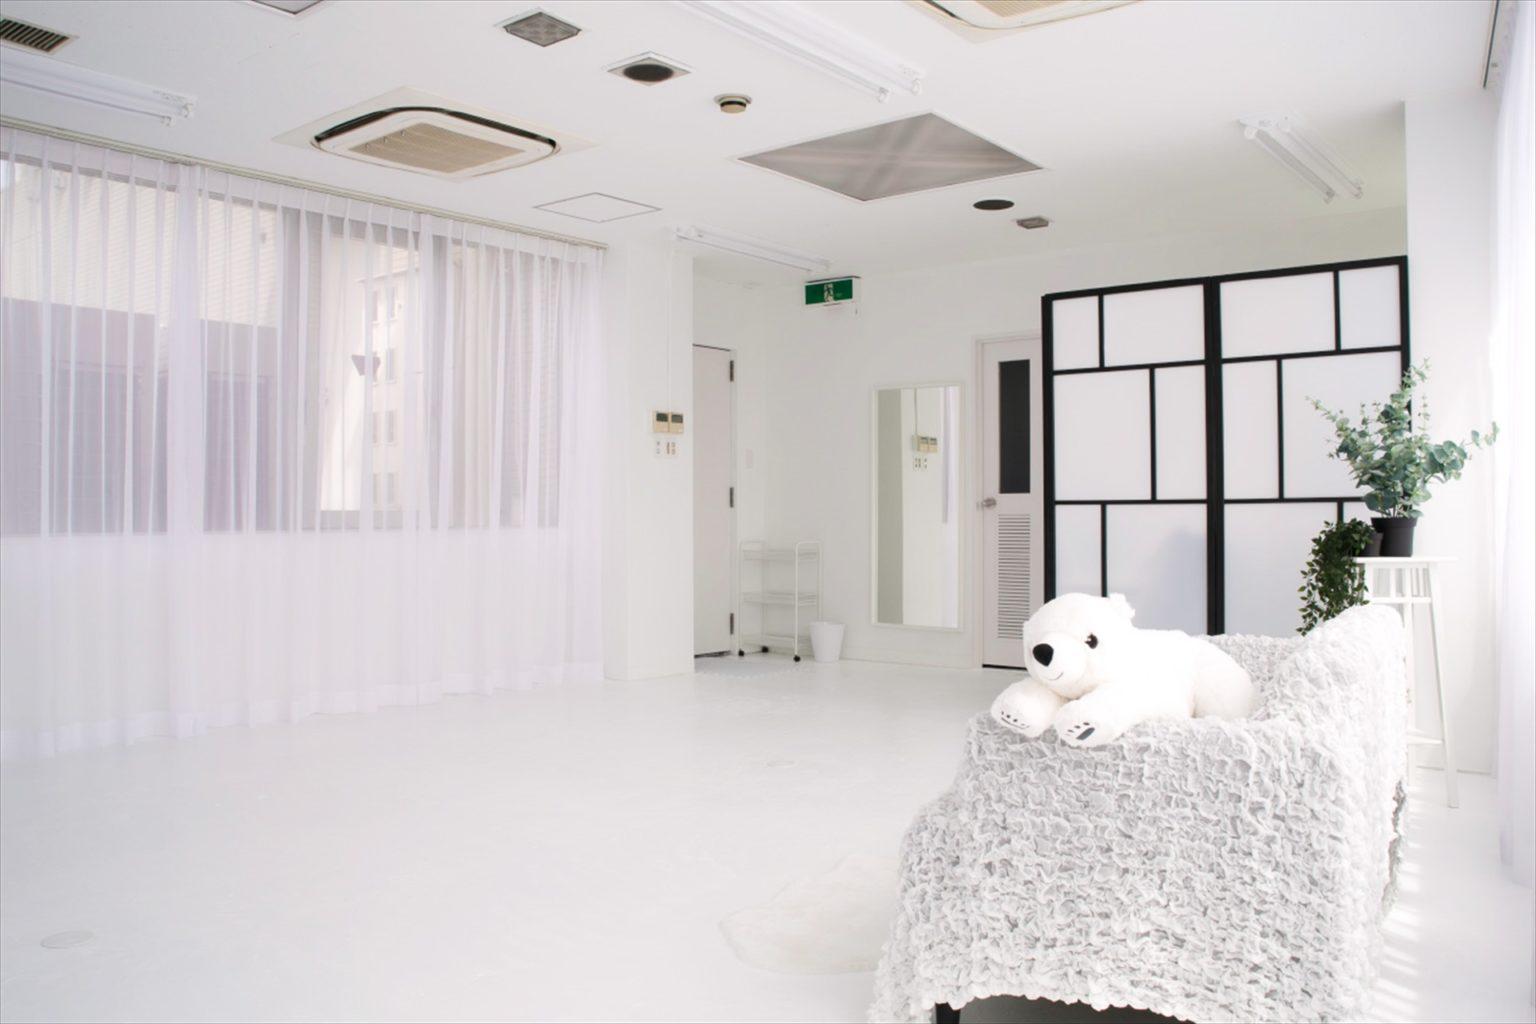 LUZZ STUDIOの白ホリゾント(白い部屋)の室内写真 7